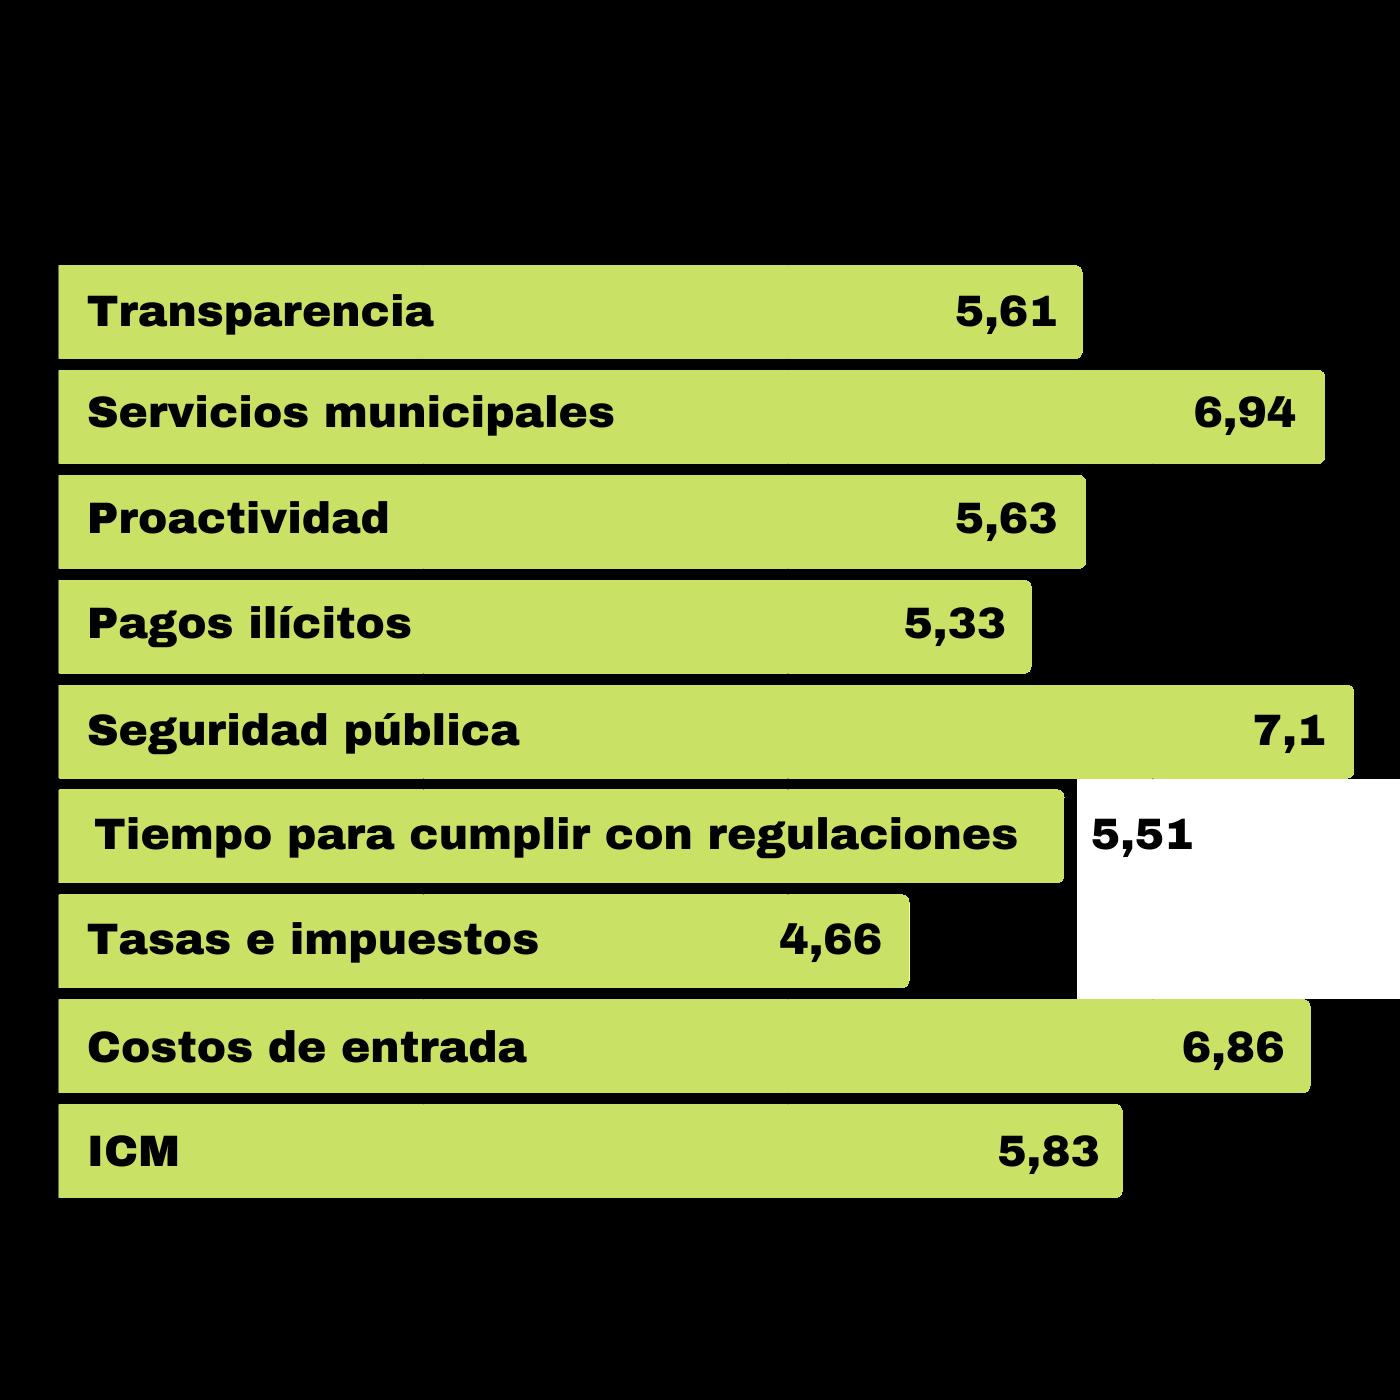 El Gobierno Municipal Un Dinamizador De La Economía Tecleña. ICM Santa Tecla. Infografía. Roberto d'Aubuisson. 2021